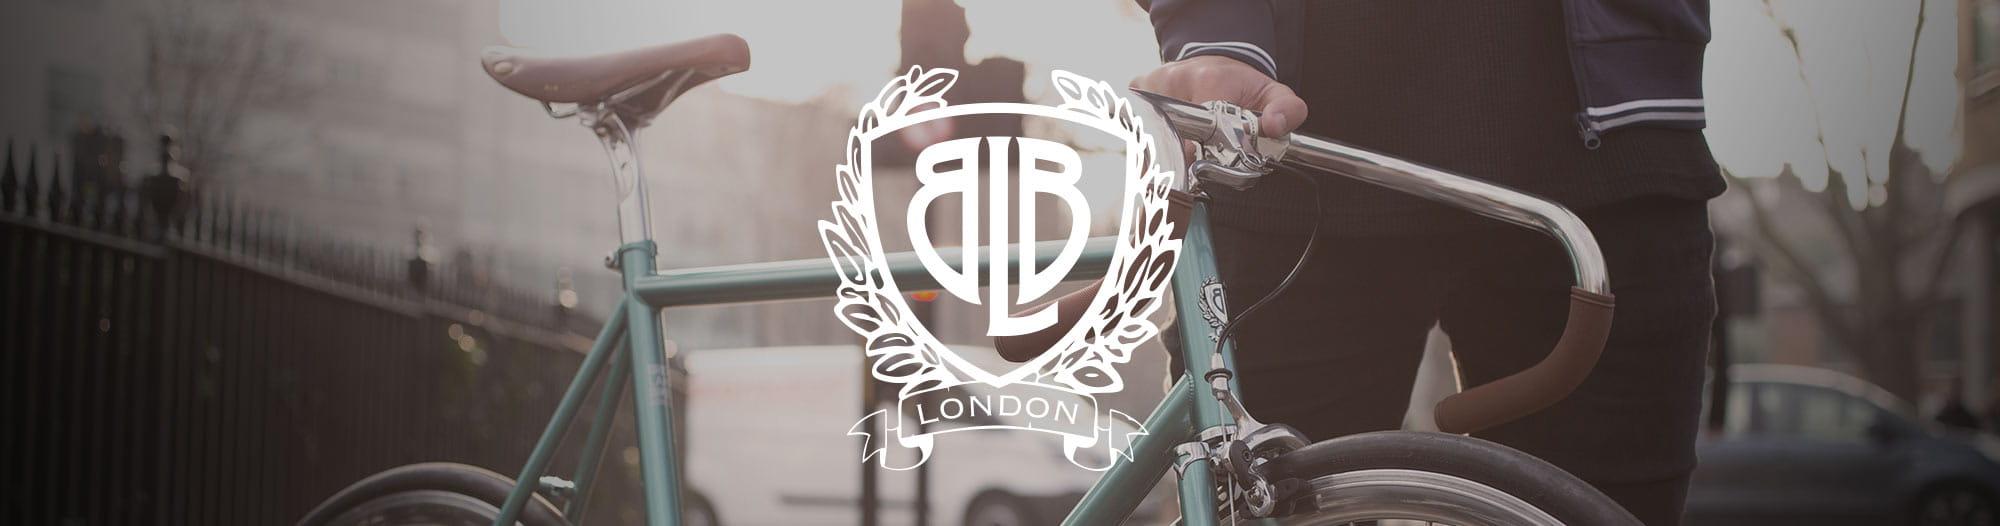 BLB Brick Lane Bikes